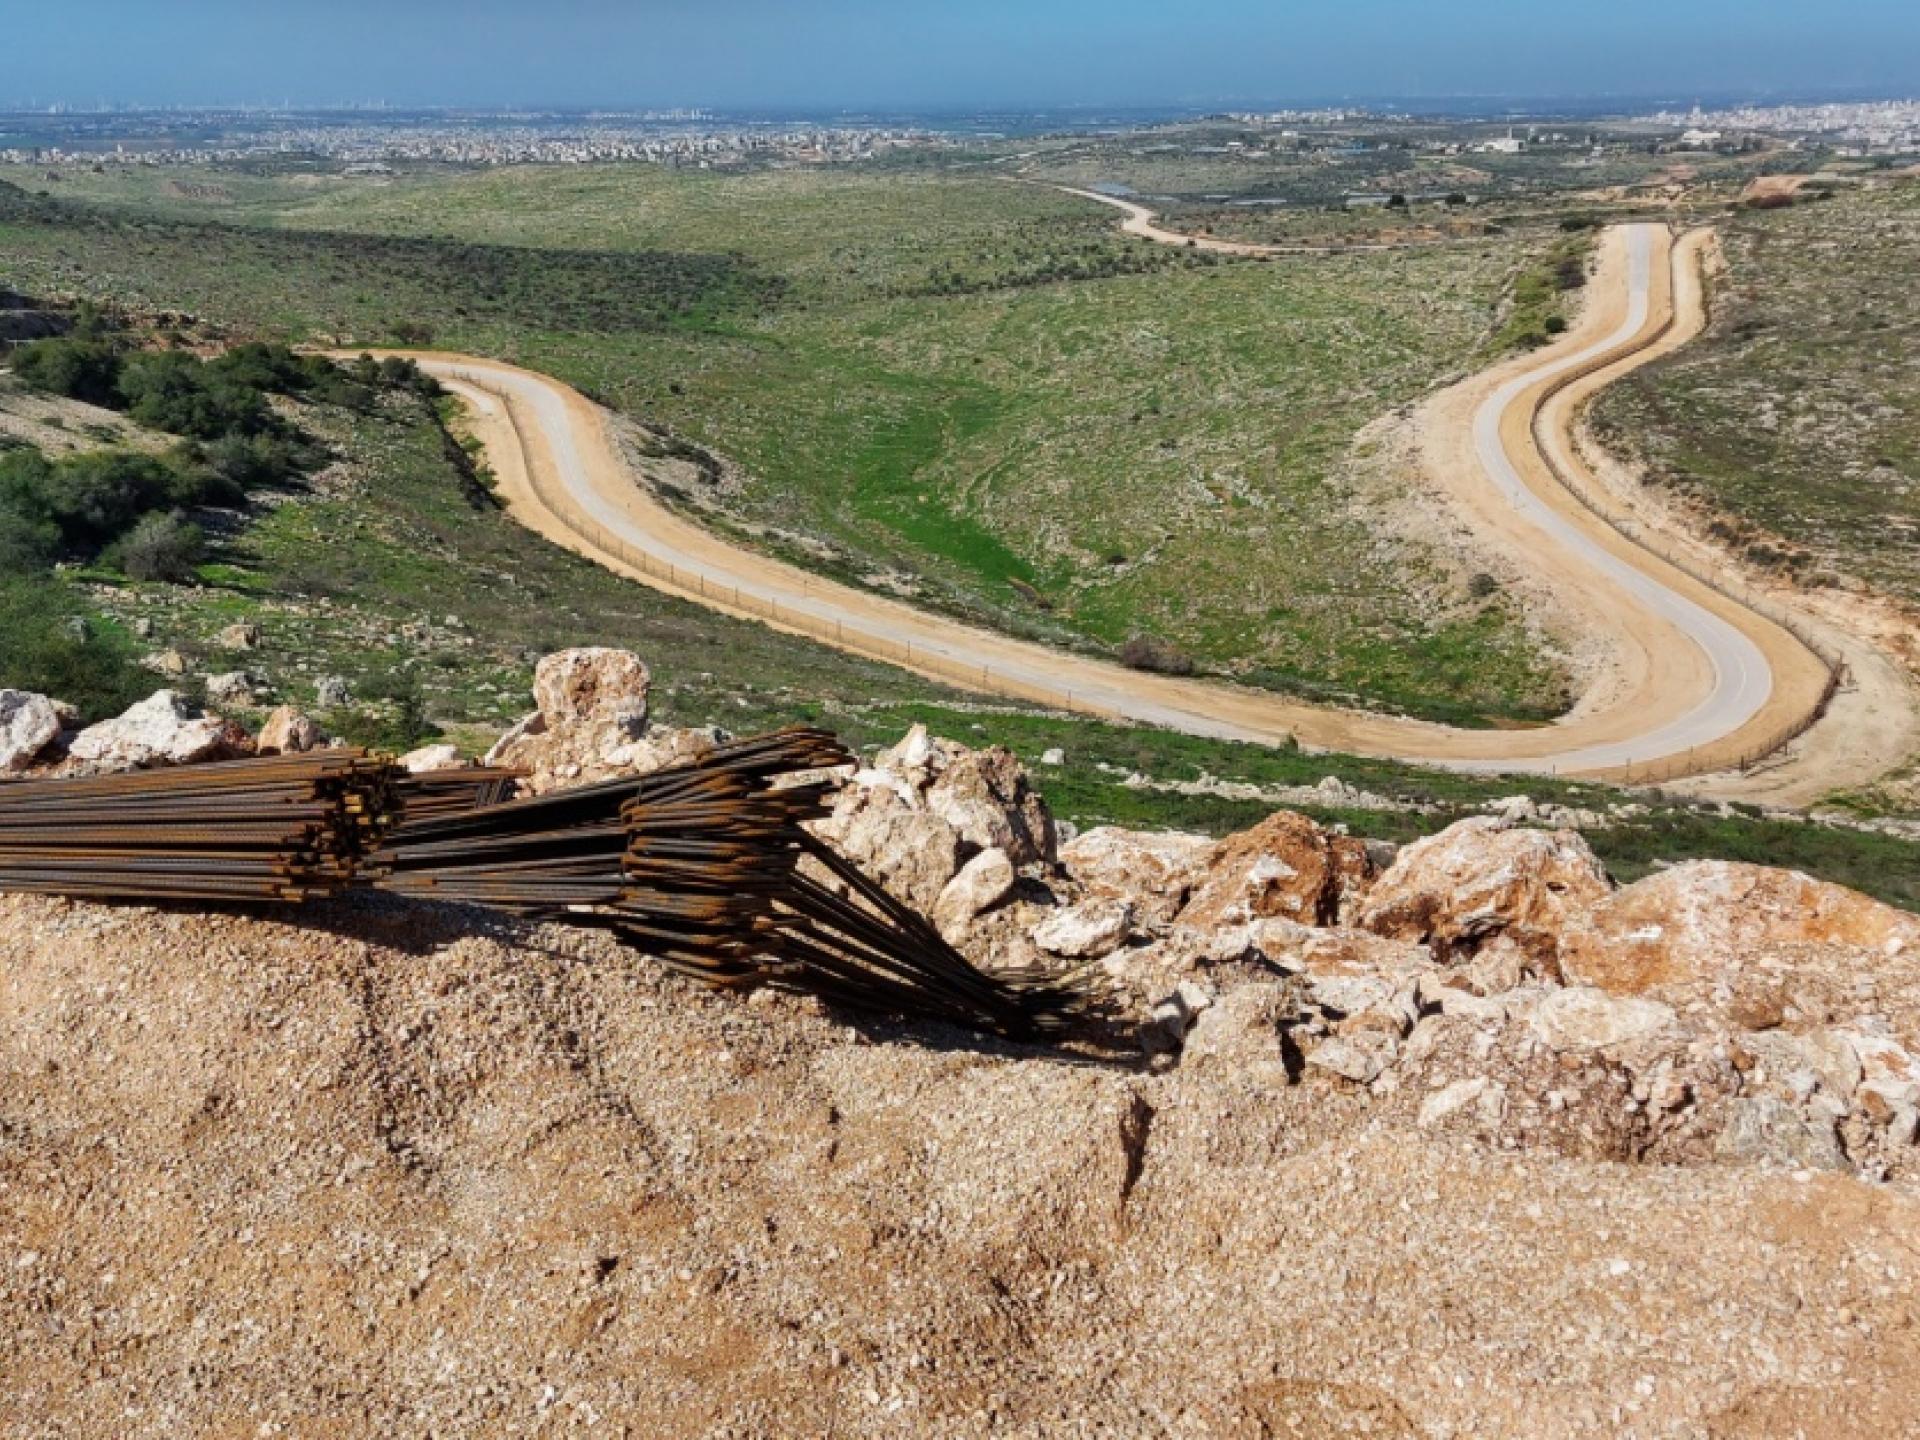 אדמות אנשי כפר סור נמצאות ממערב לסלעית ליד כביש המערכת